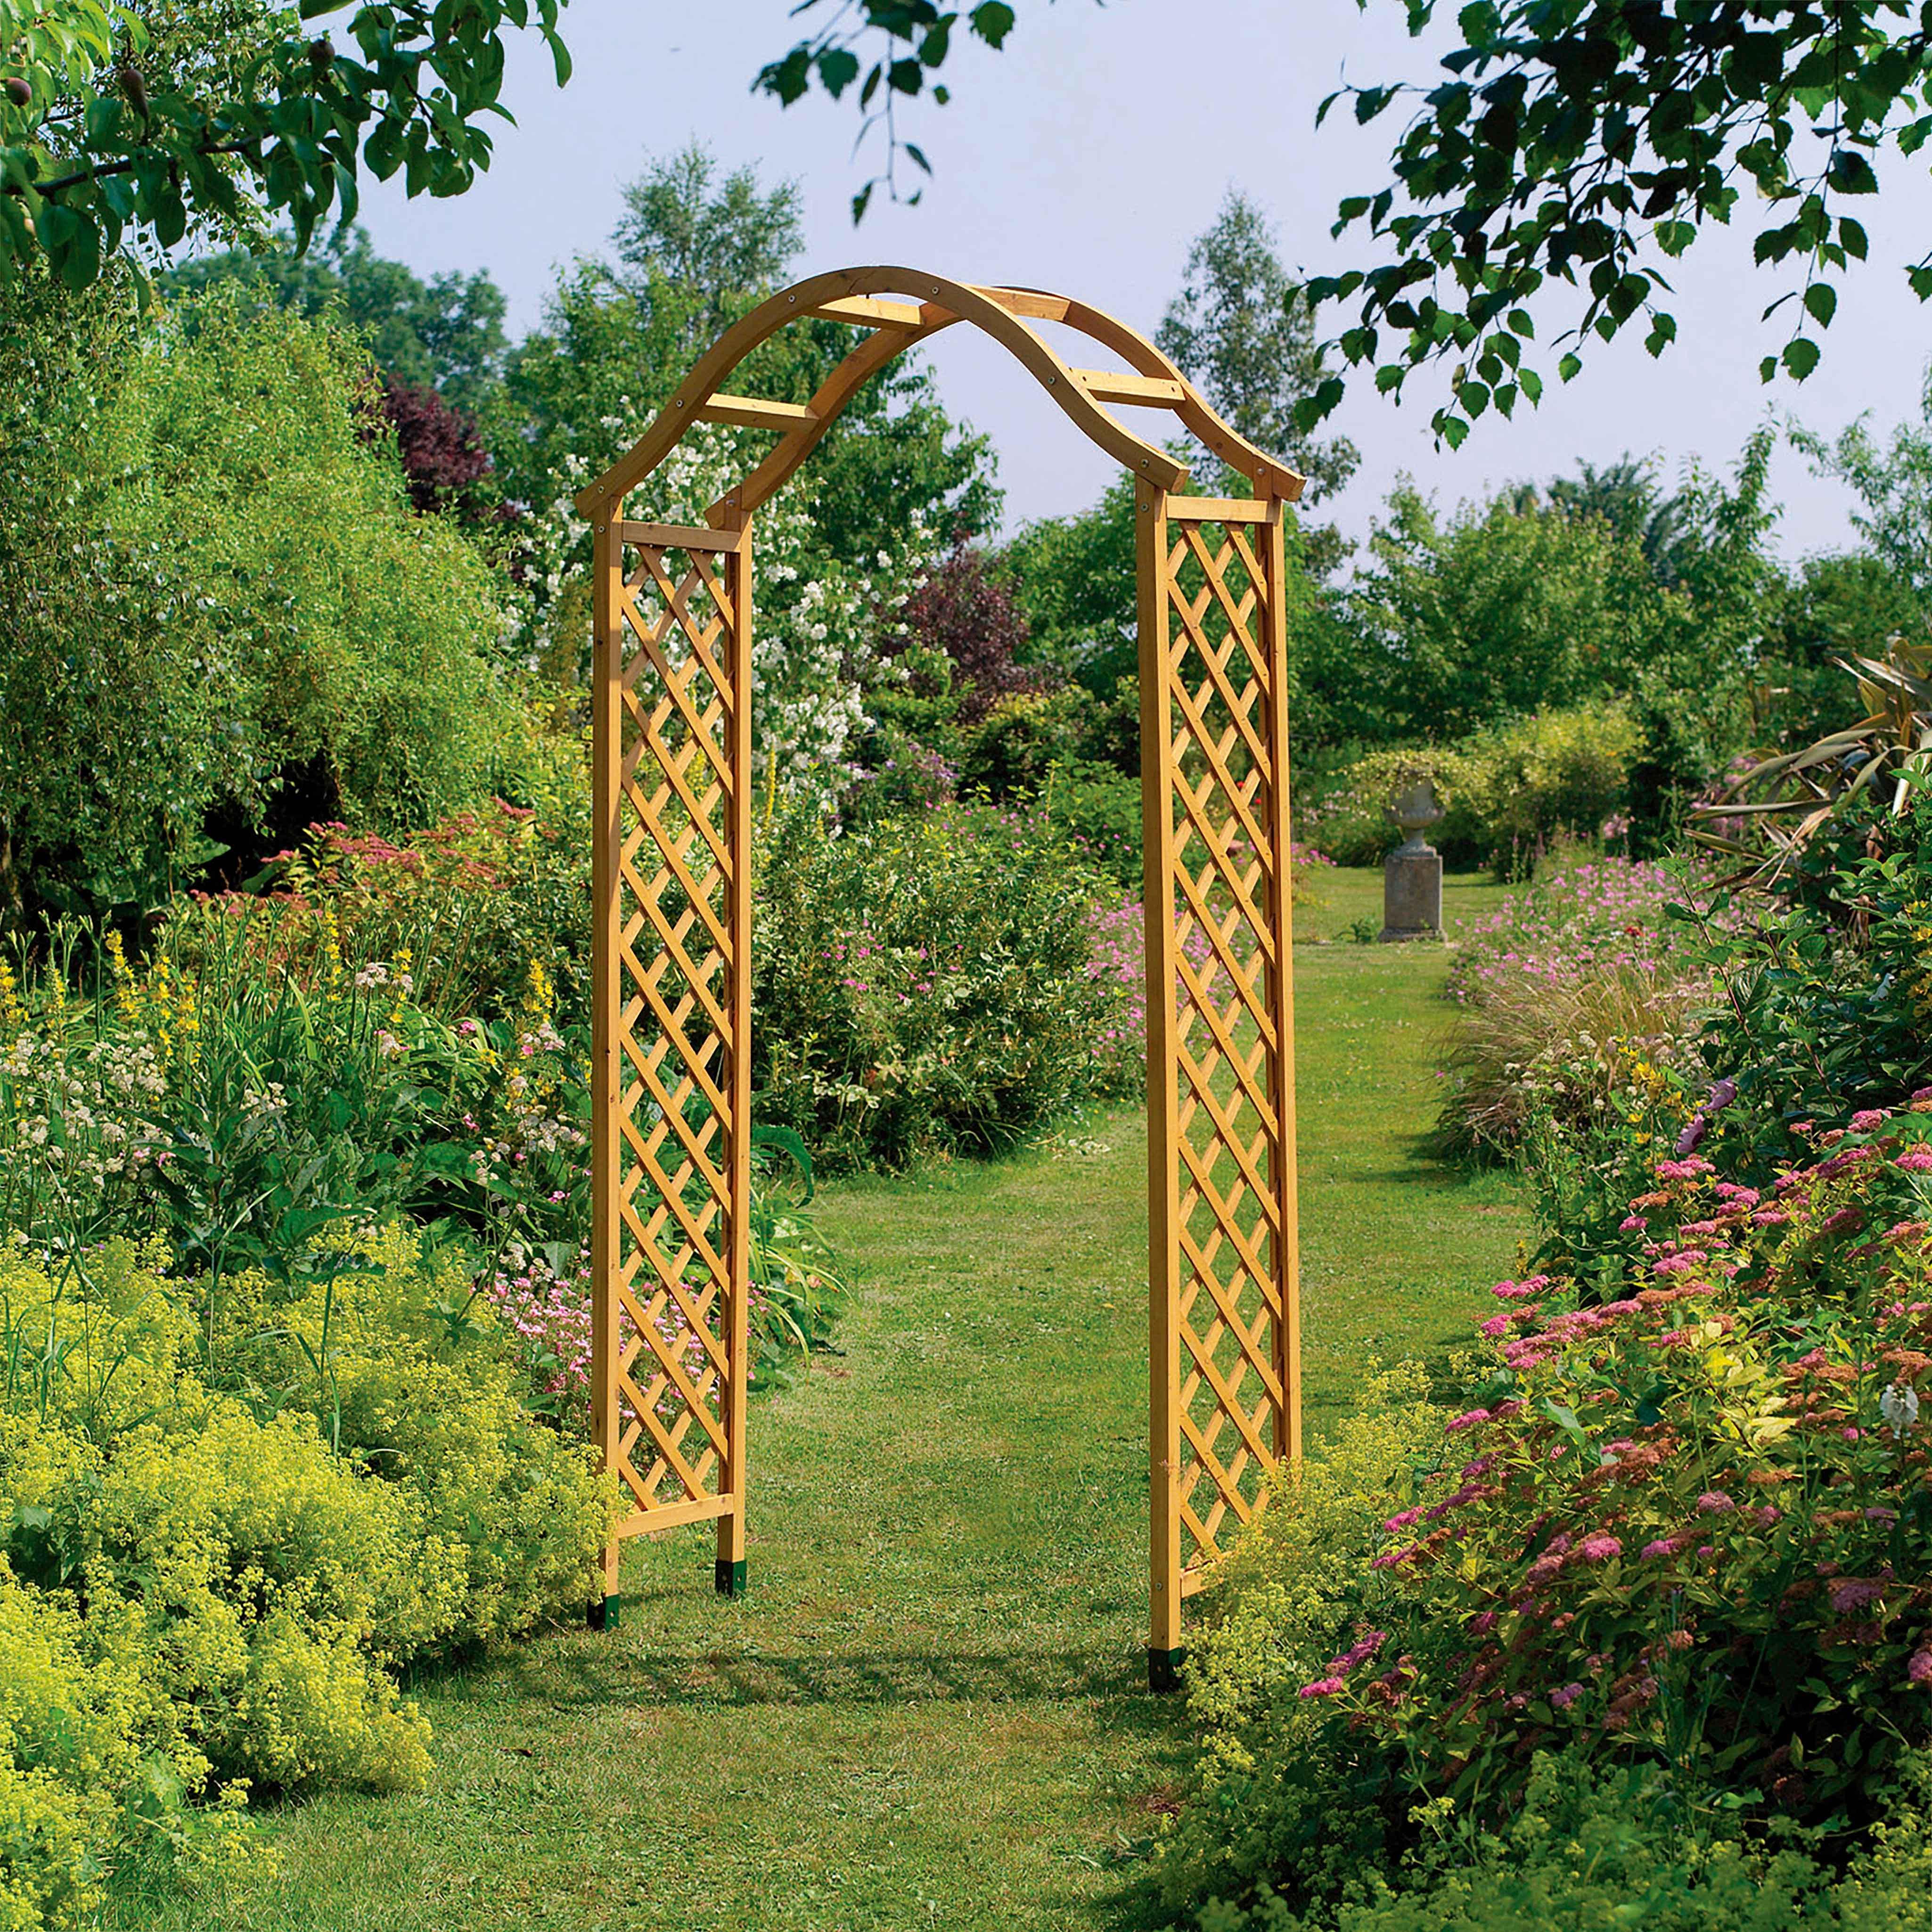 Claustra Treillis Exterieur Bois arche de jardin treillis bois h:2.2m - distriartisan